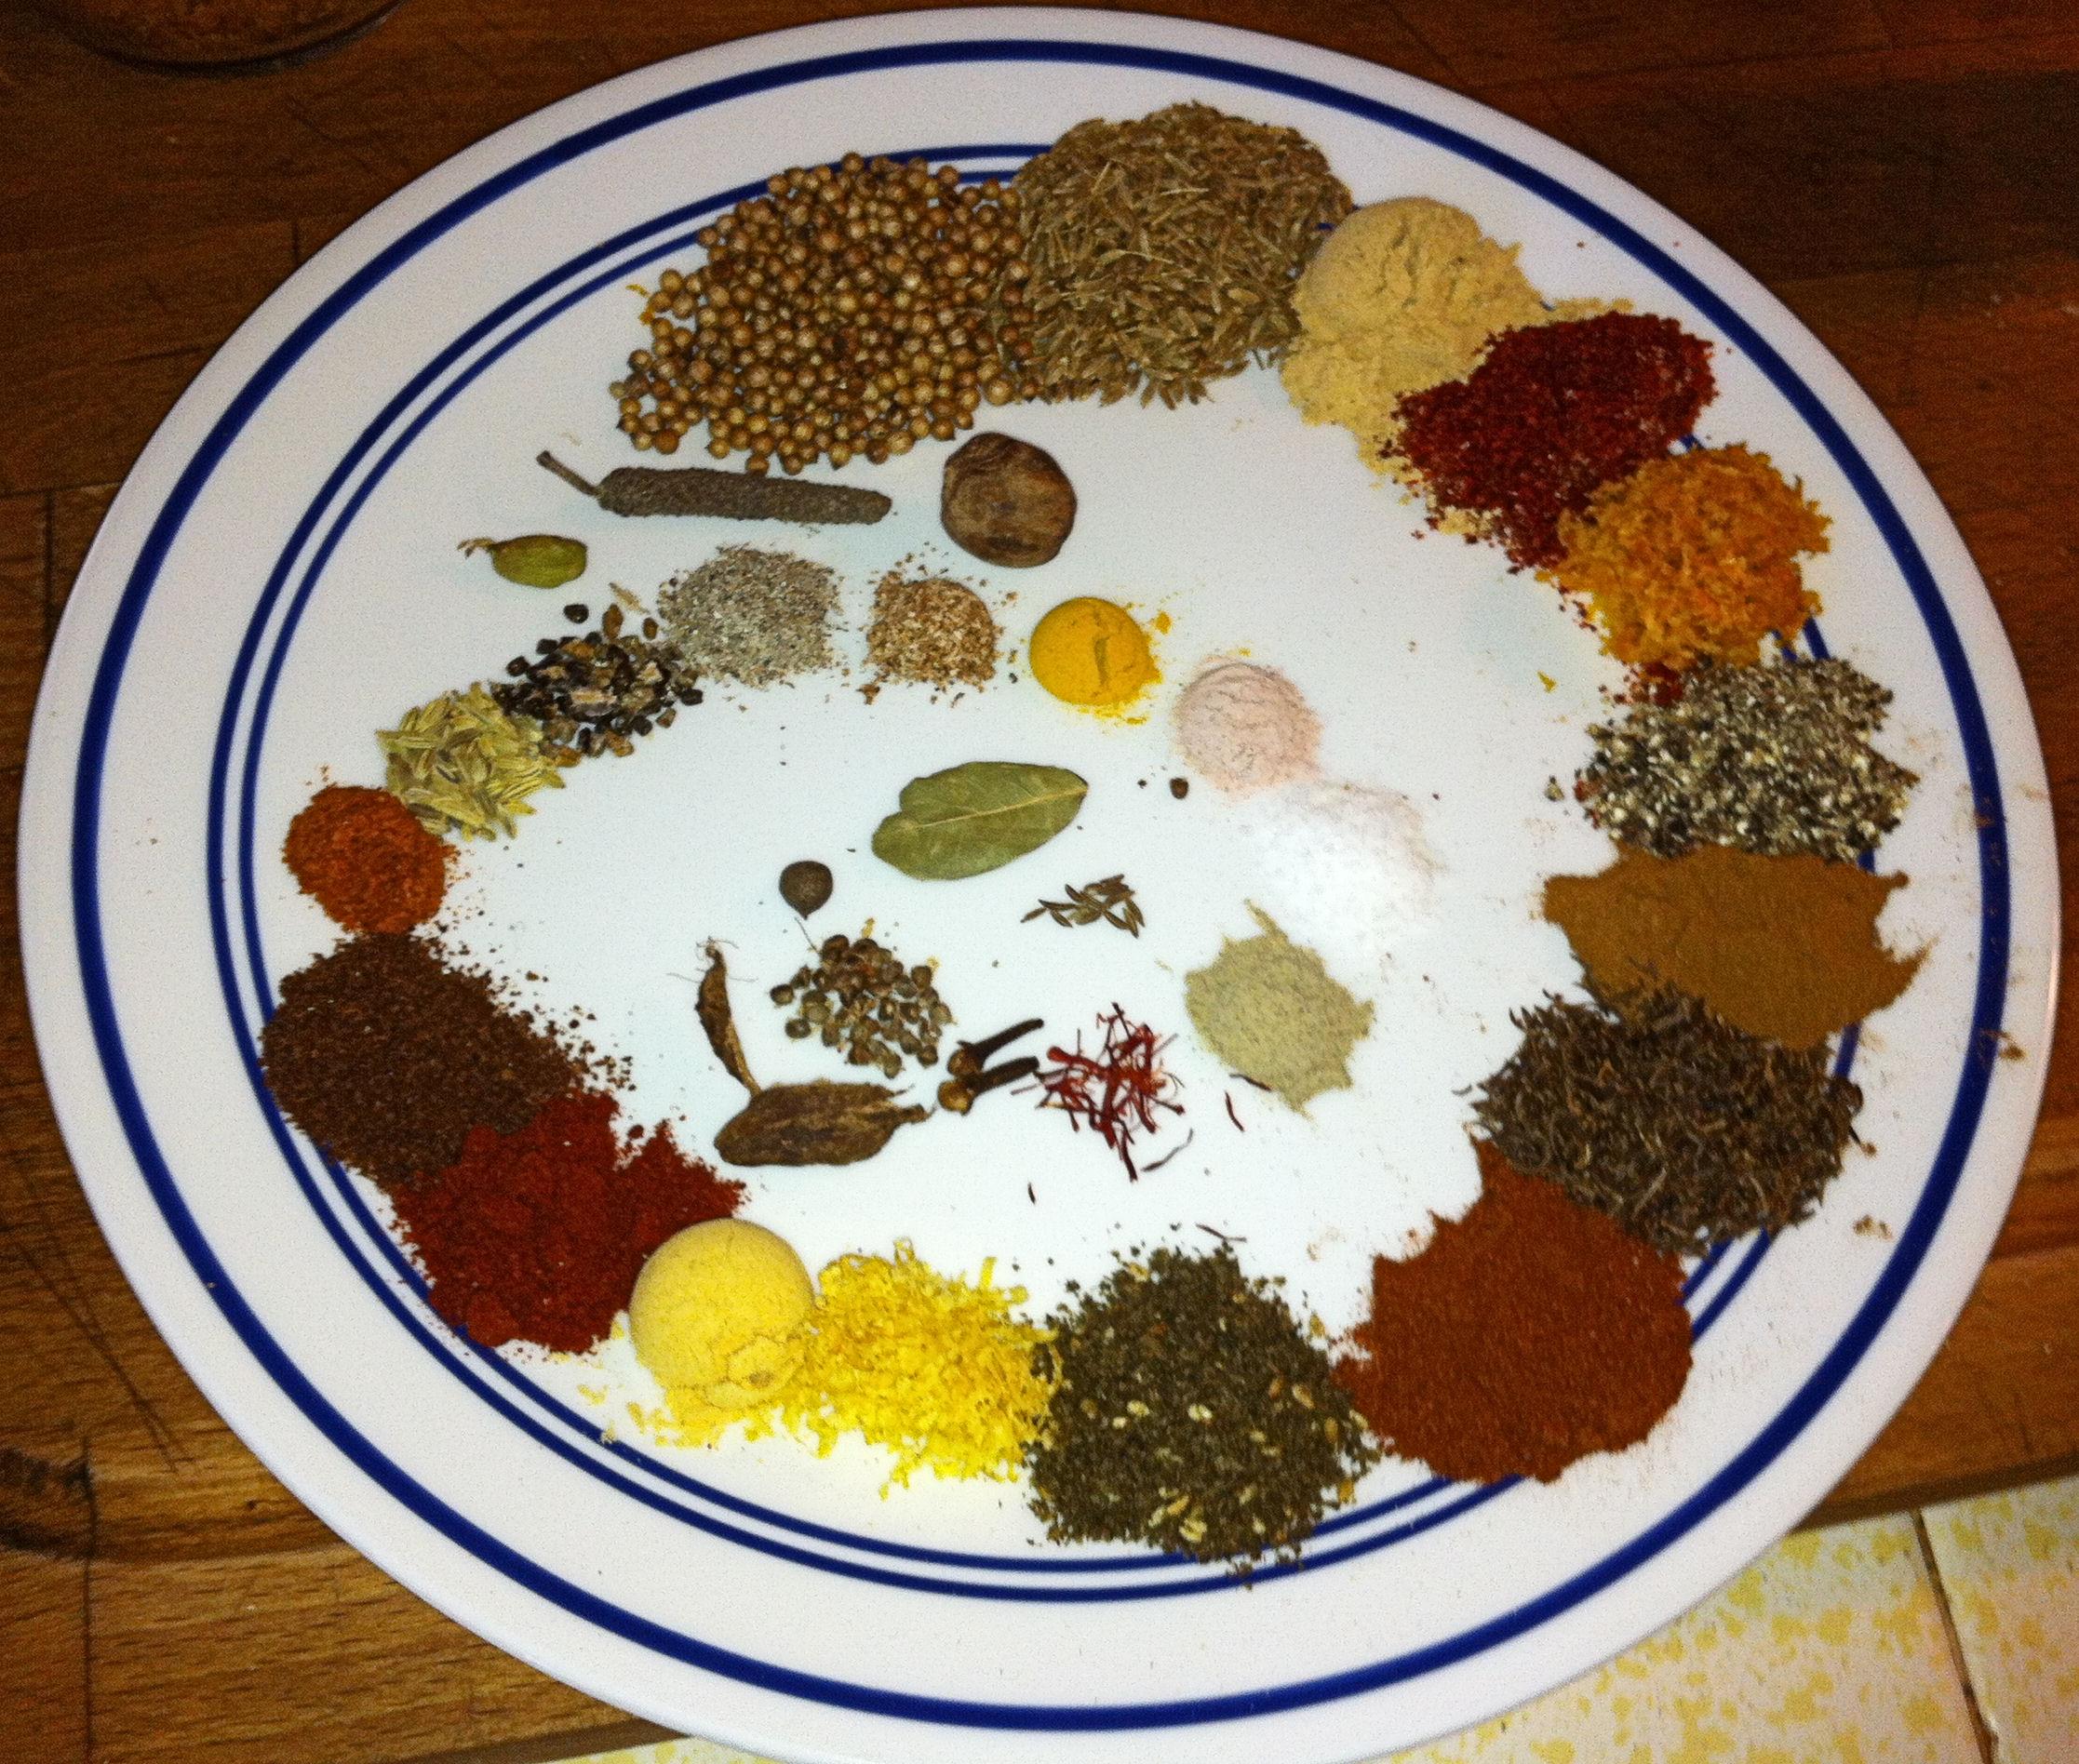 Karl S Moroccan Spice Mix A Ras El Hanout